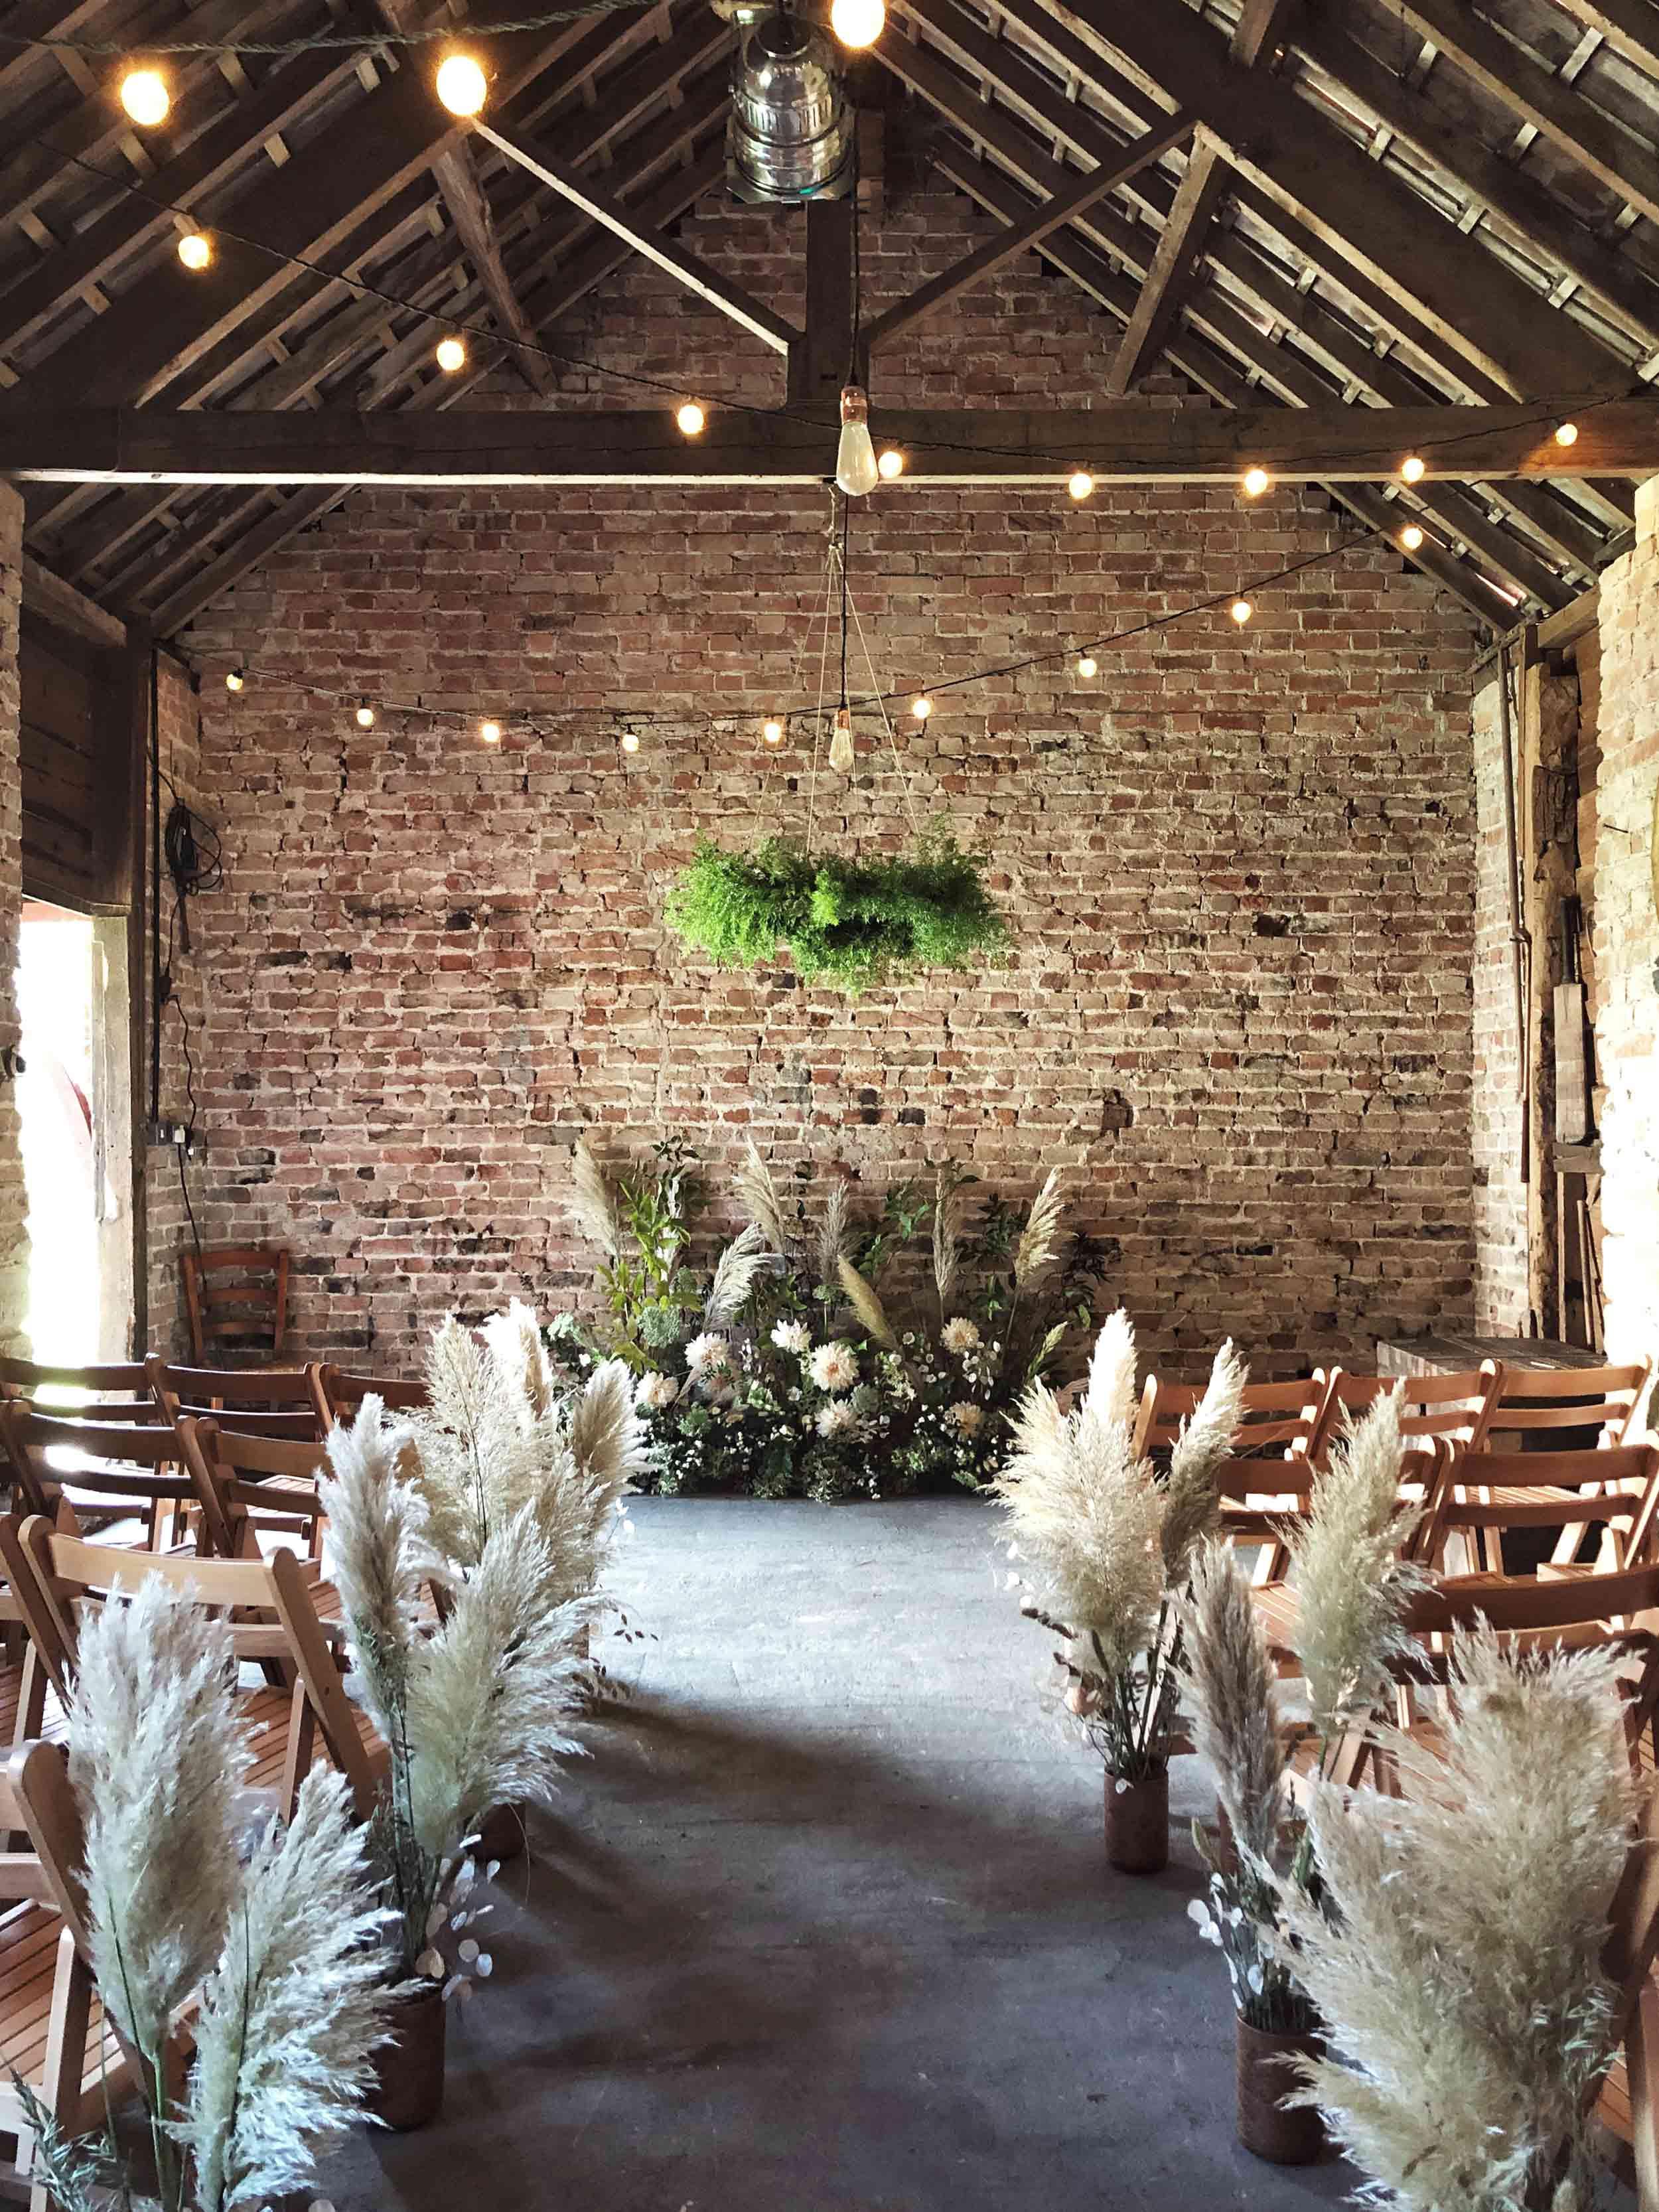 lunaria_wedding_flowers_somerset_UK_06.jpg